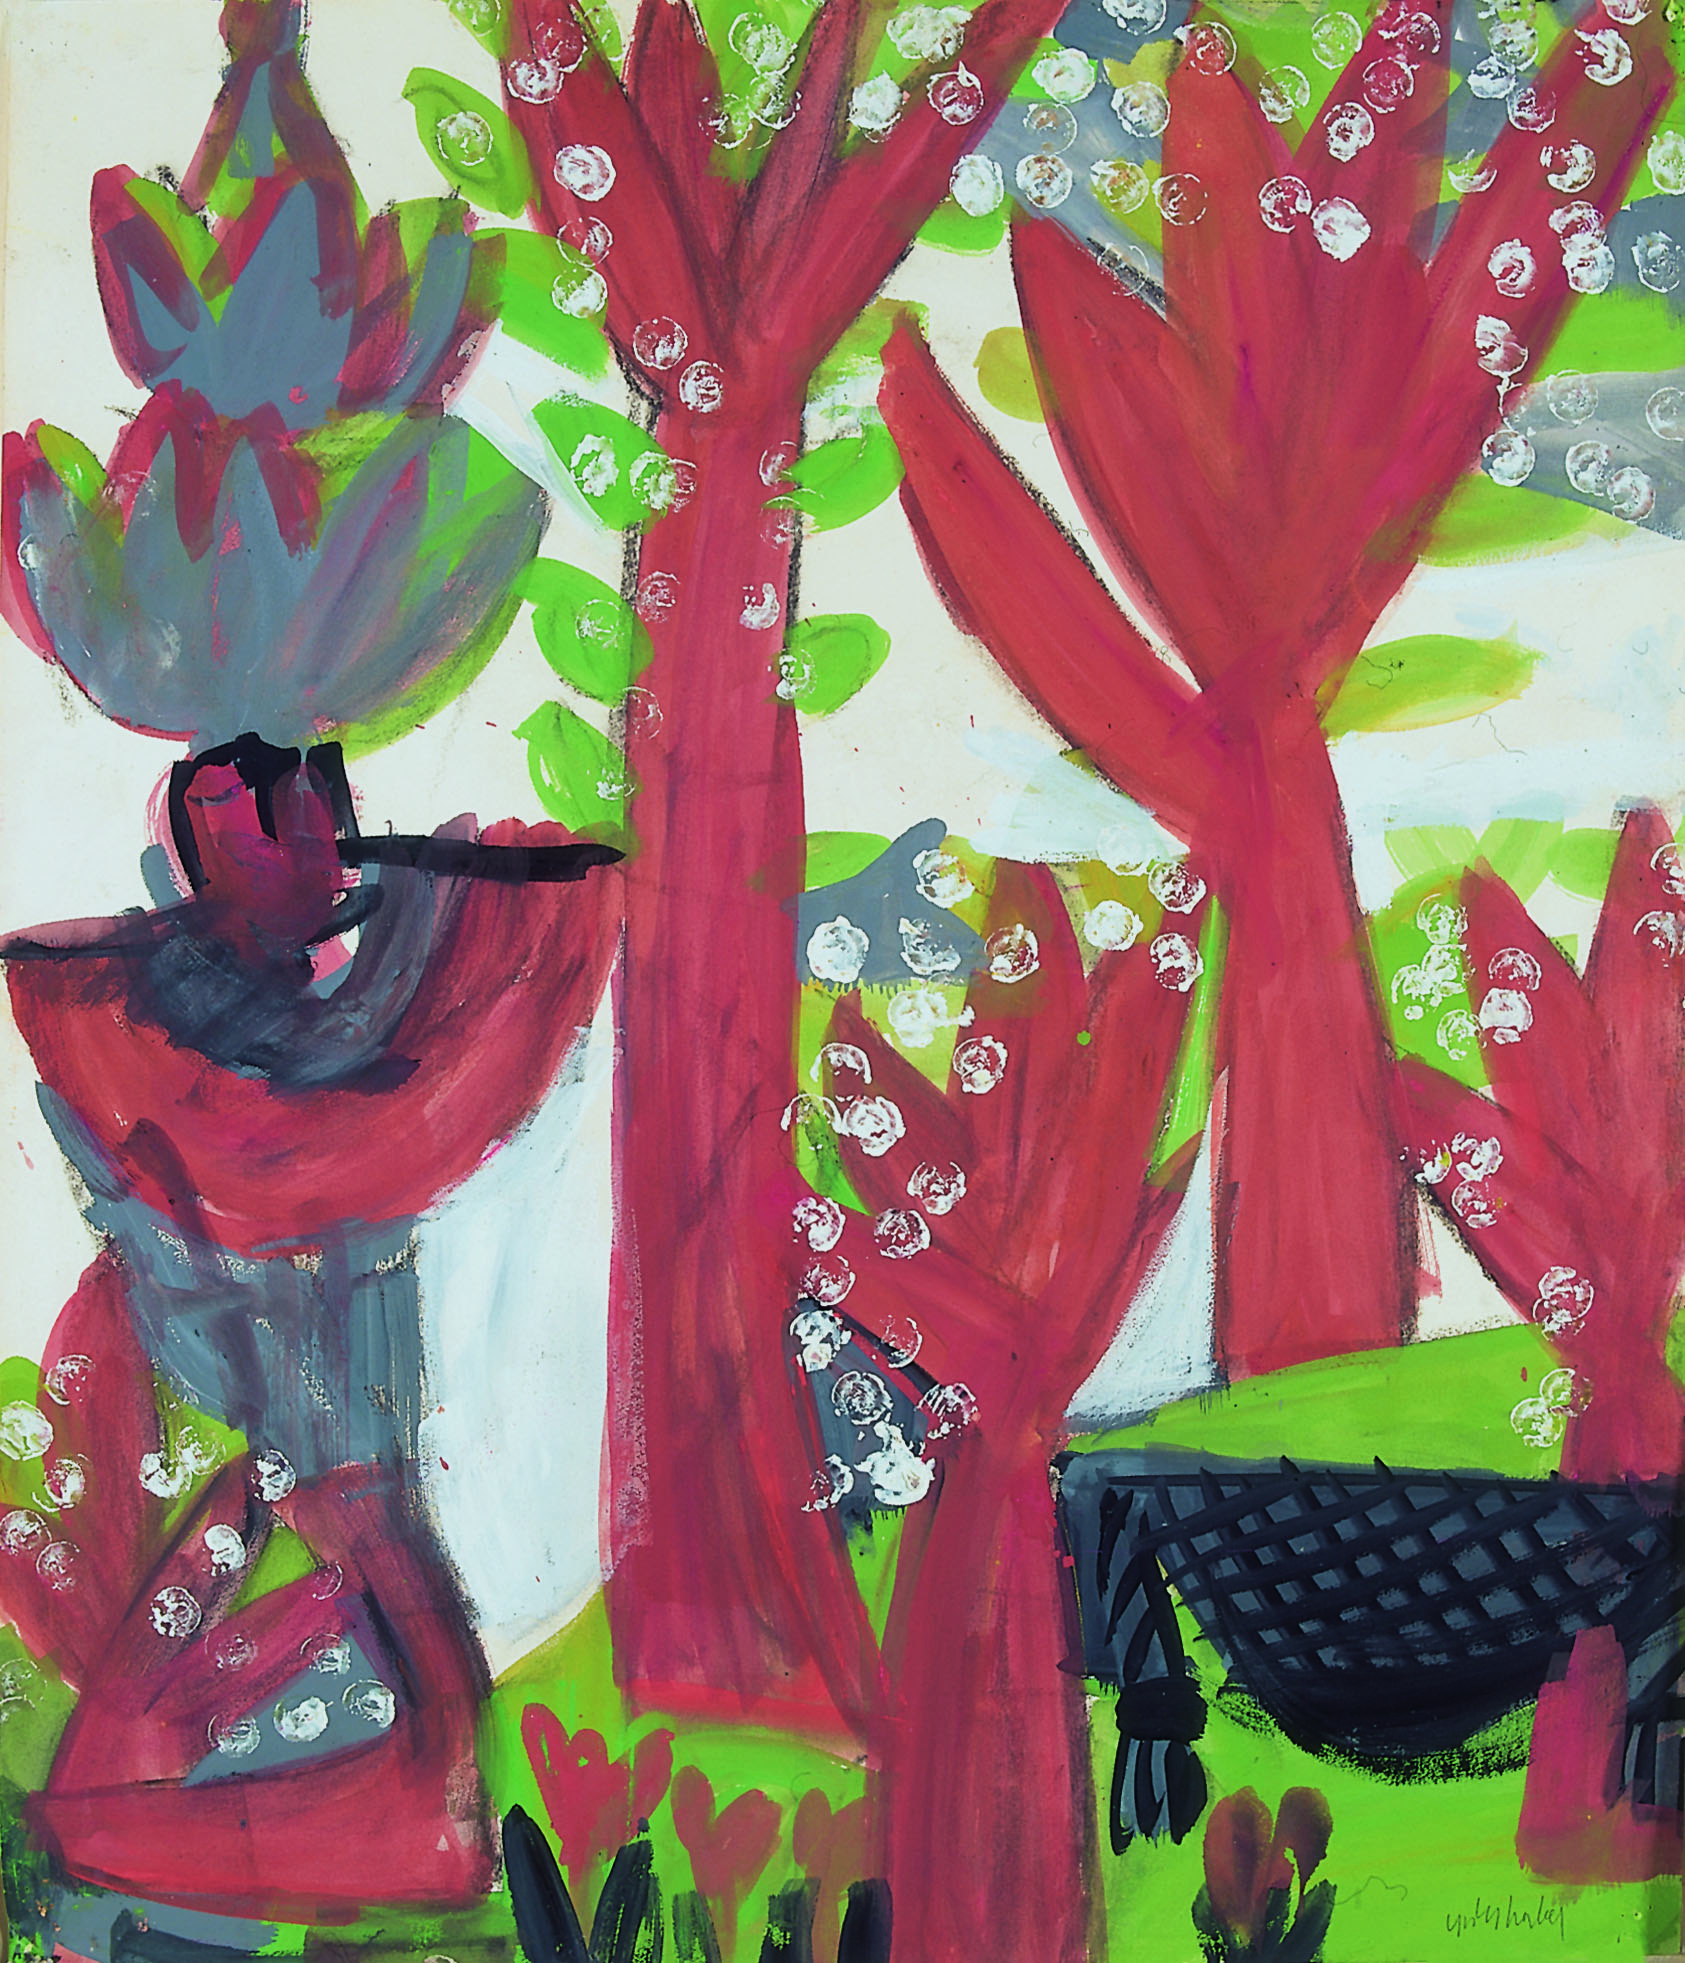 Kunststiftung Hohenkarpfen, Hausen ob Verena